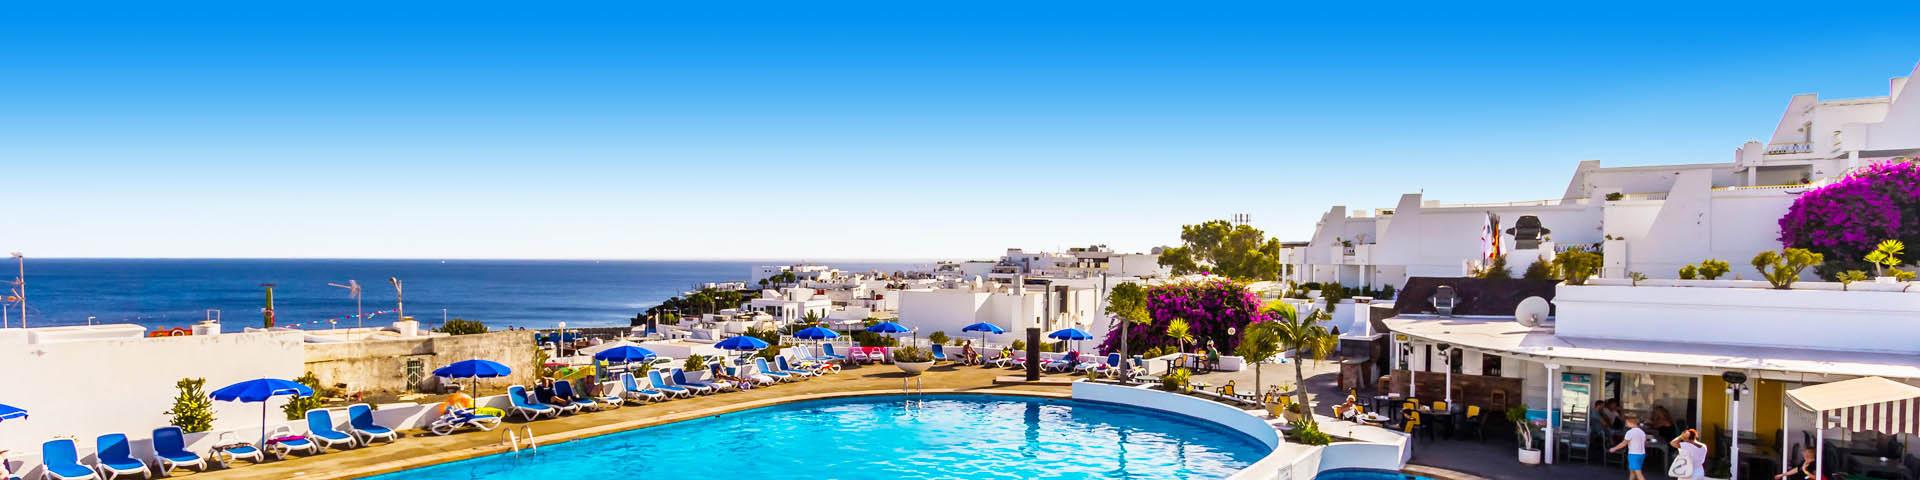 Een blauw zwembad en witte huisjes in Puerto del Carmen